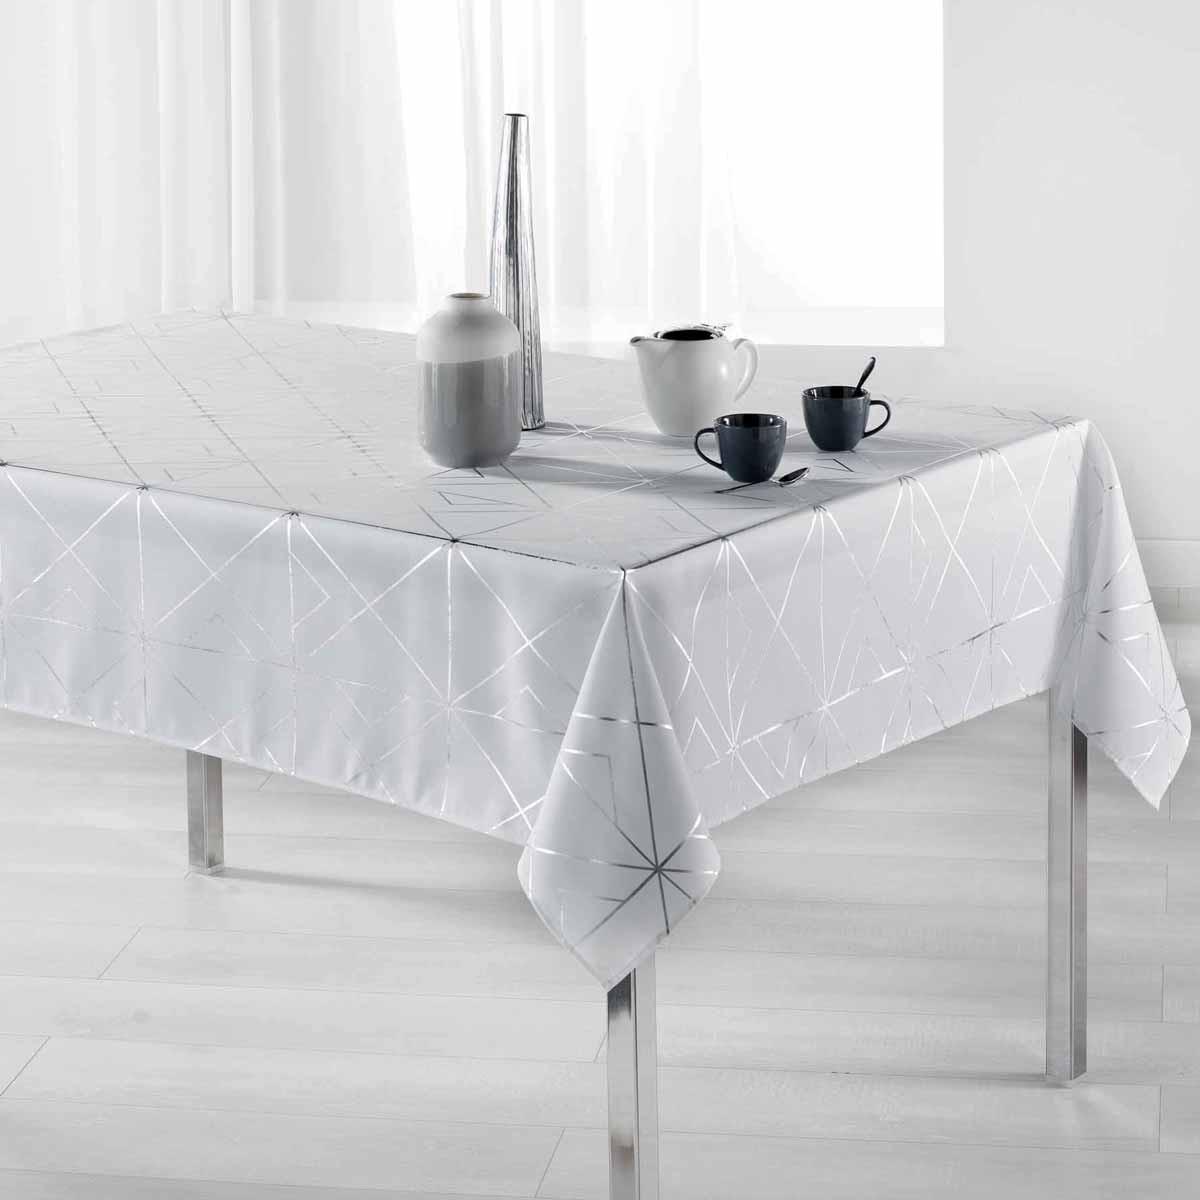 Αλέκιαστο Τραπεζομάντηλο (150×240) Quadris Blanc 1722280